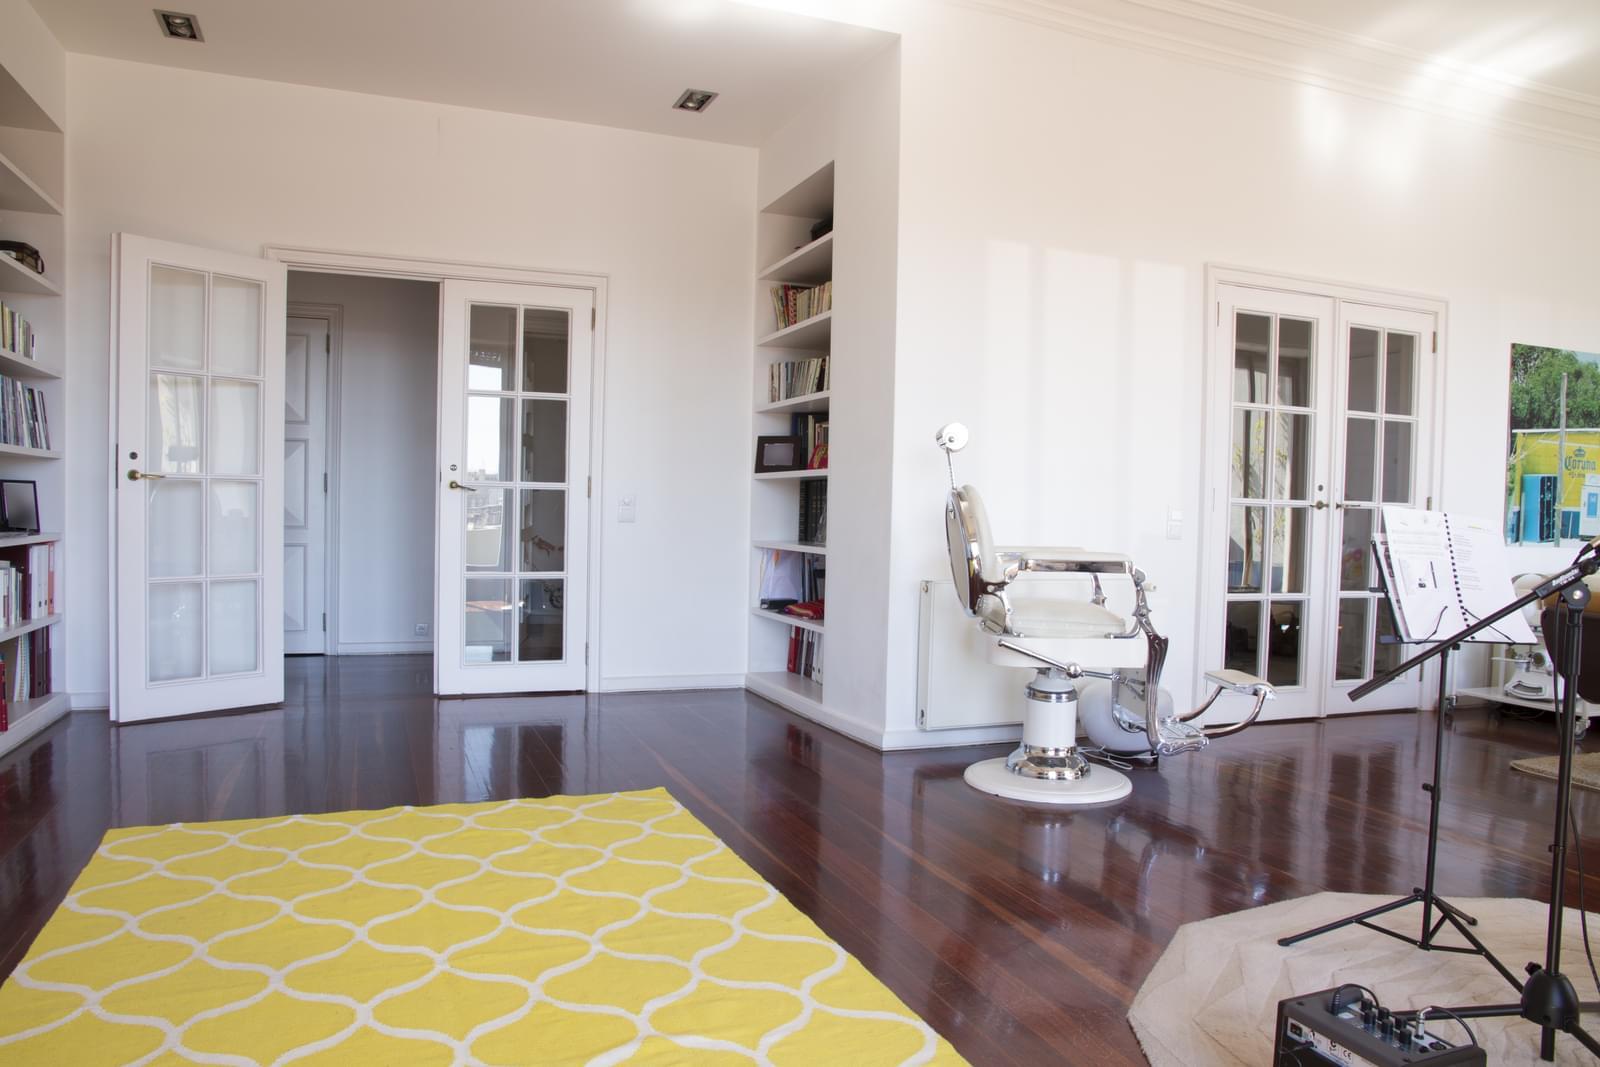 pf18175-apartamento-t5-lisboa-2c51d8b5-fad3-43f4-a16b-227a375804d1